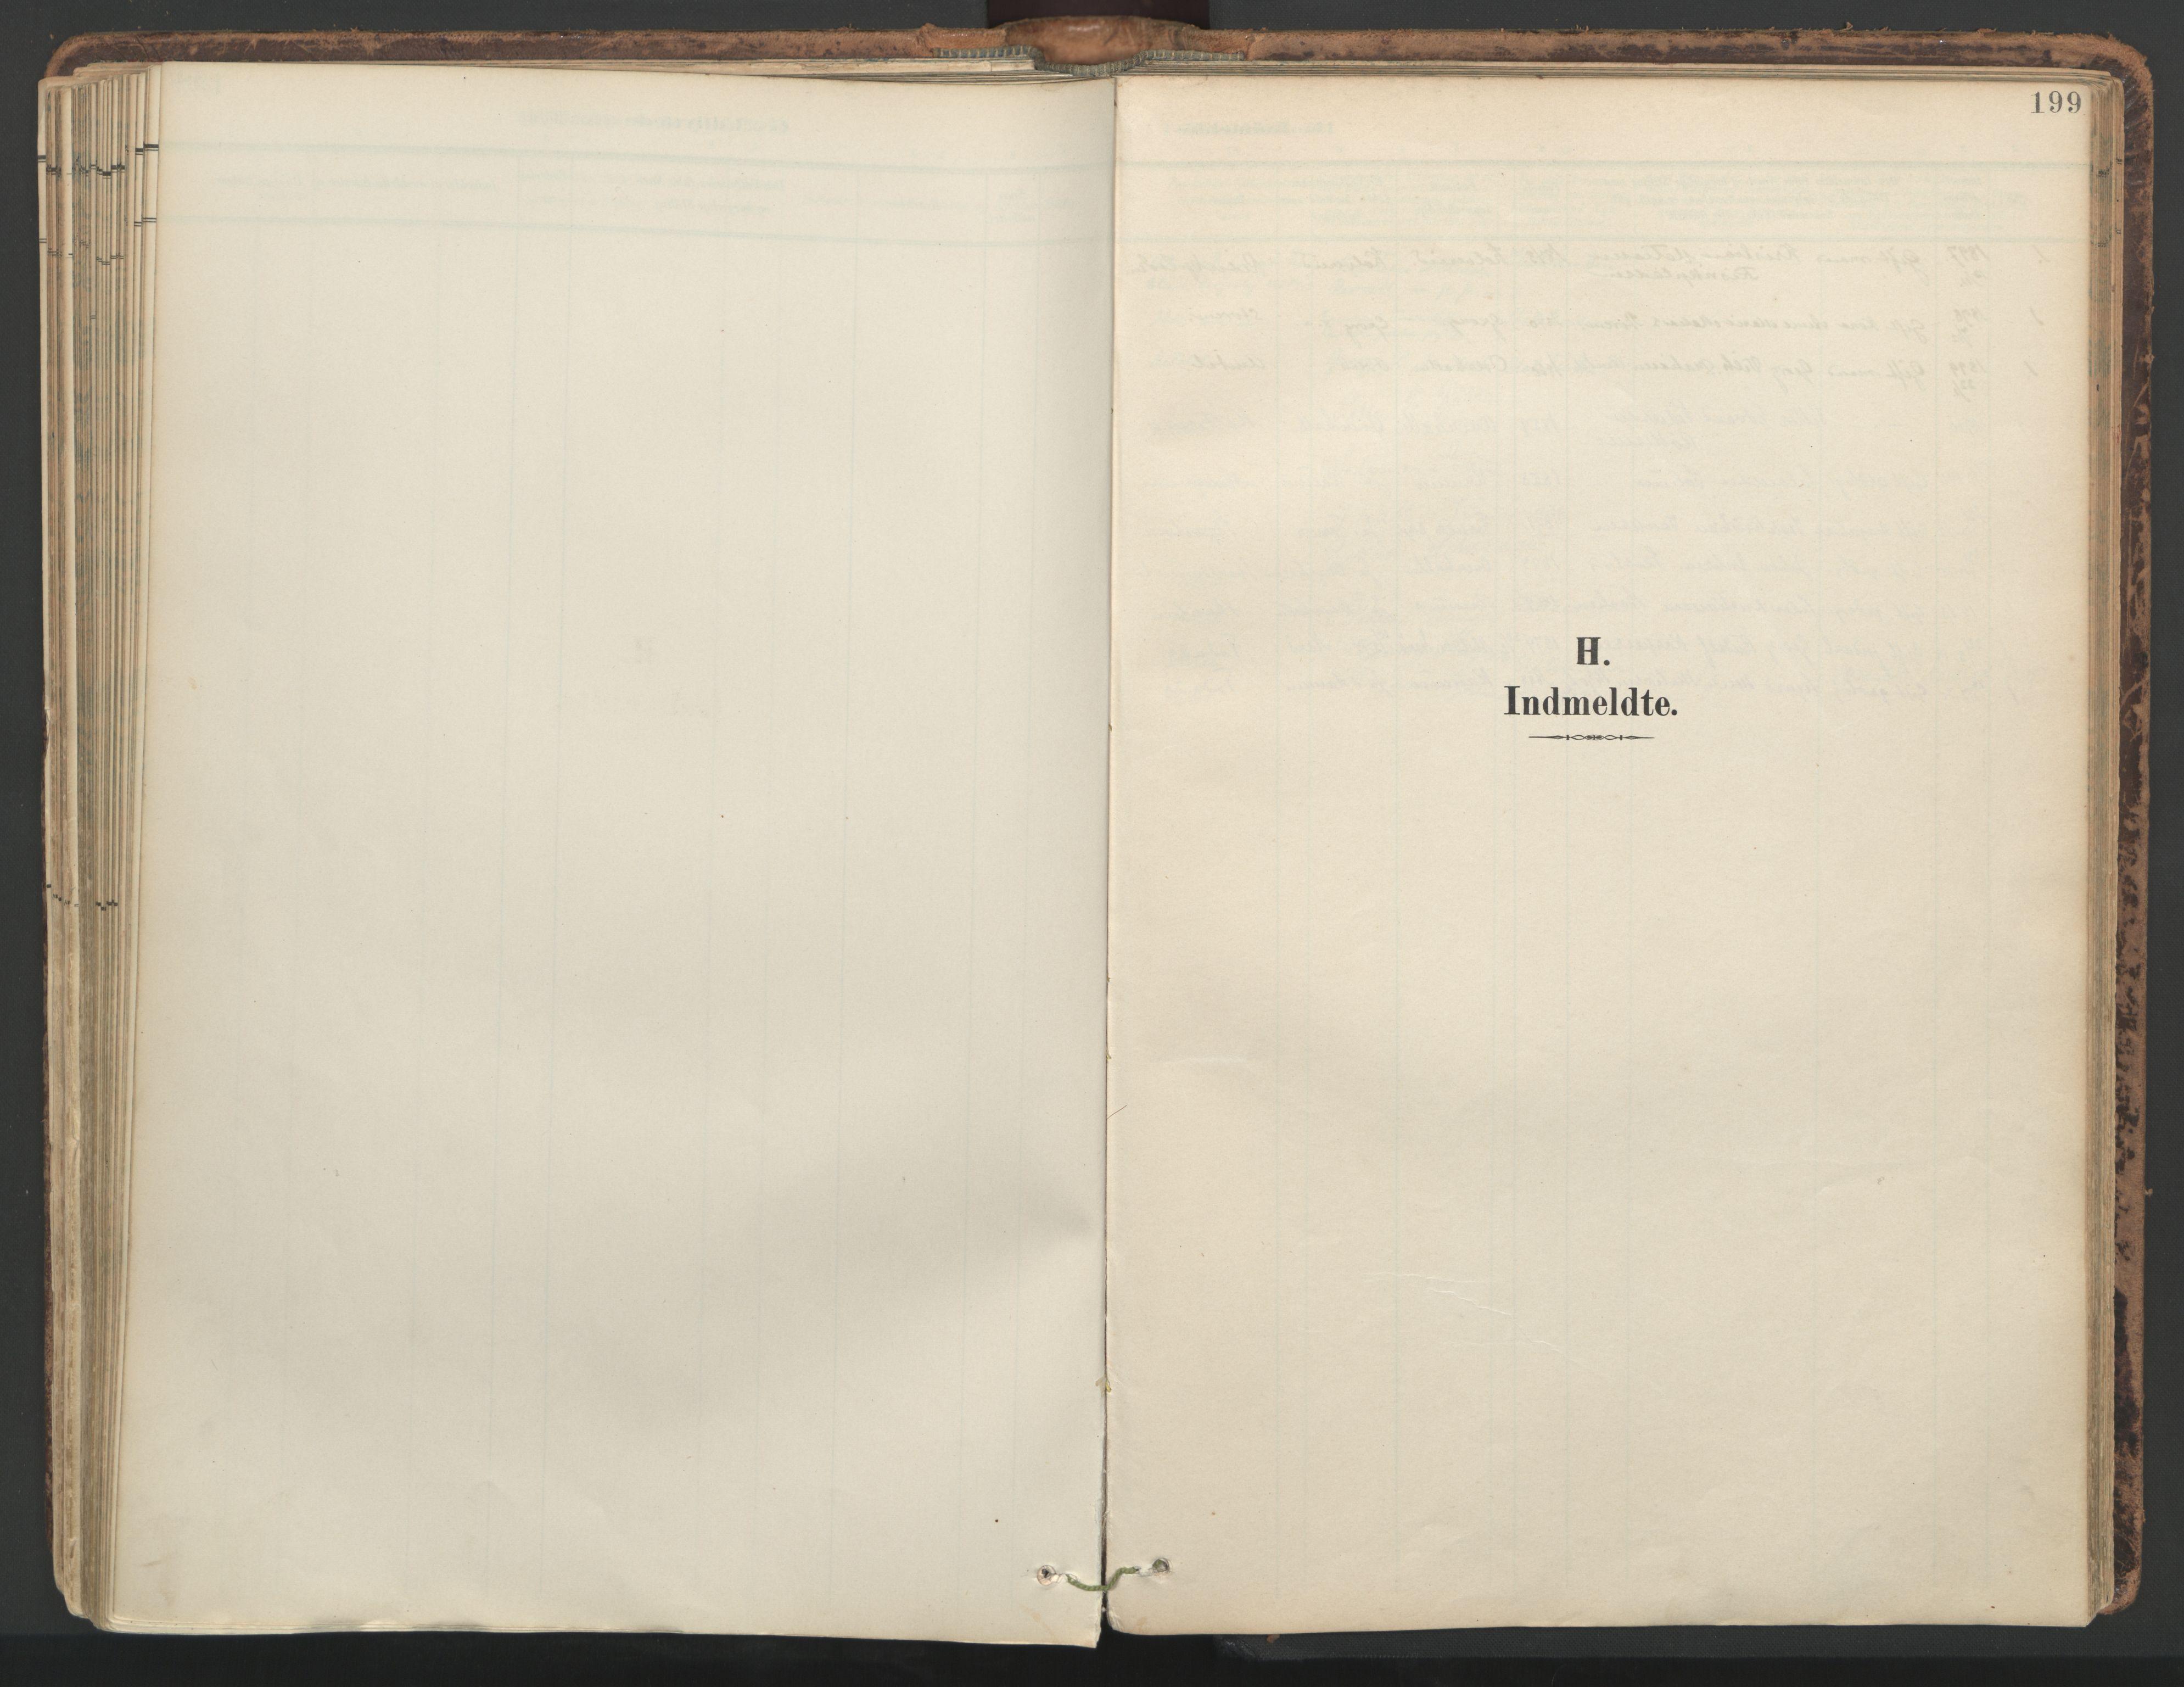 SAT, Ministerialprotokoller, klokkerbøker og fødselsregistre - Nord-Trøndelag, 764/L0556: Ministerialbok nr. 764A11, 1897-1924, s. 199